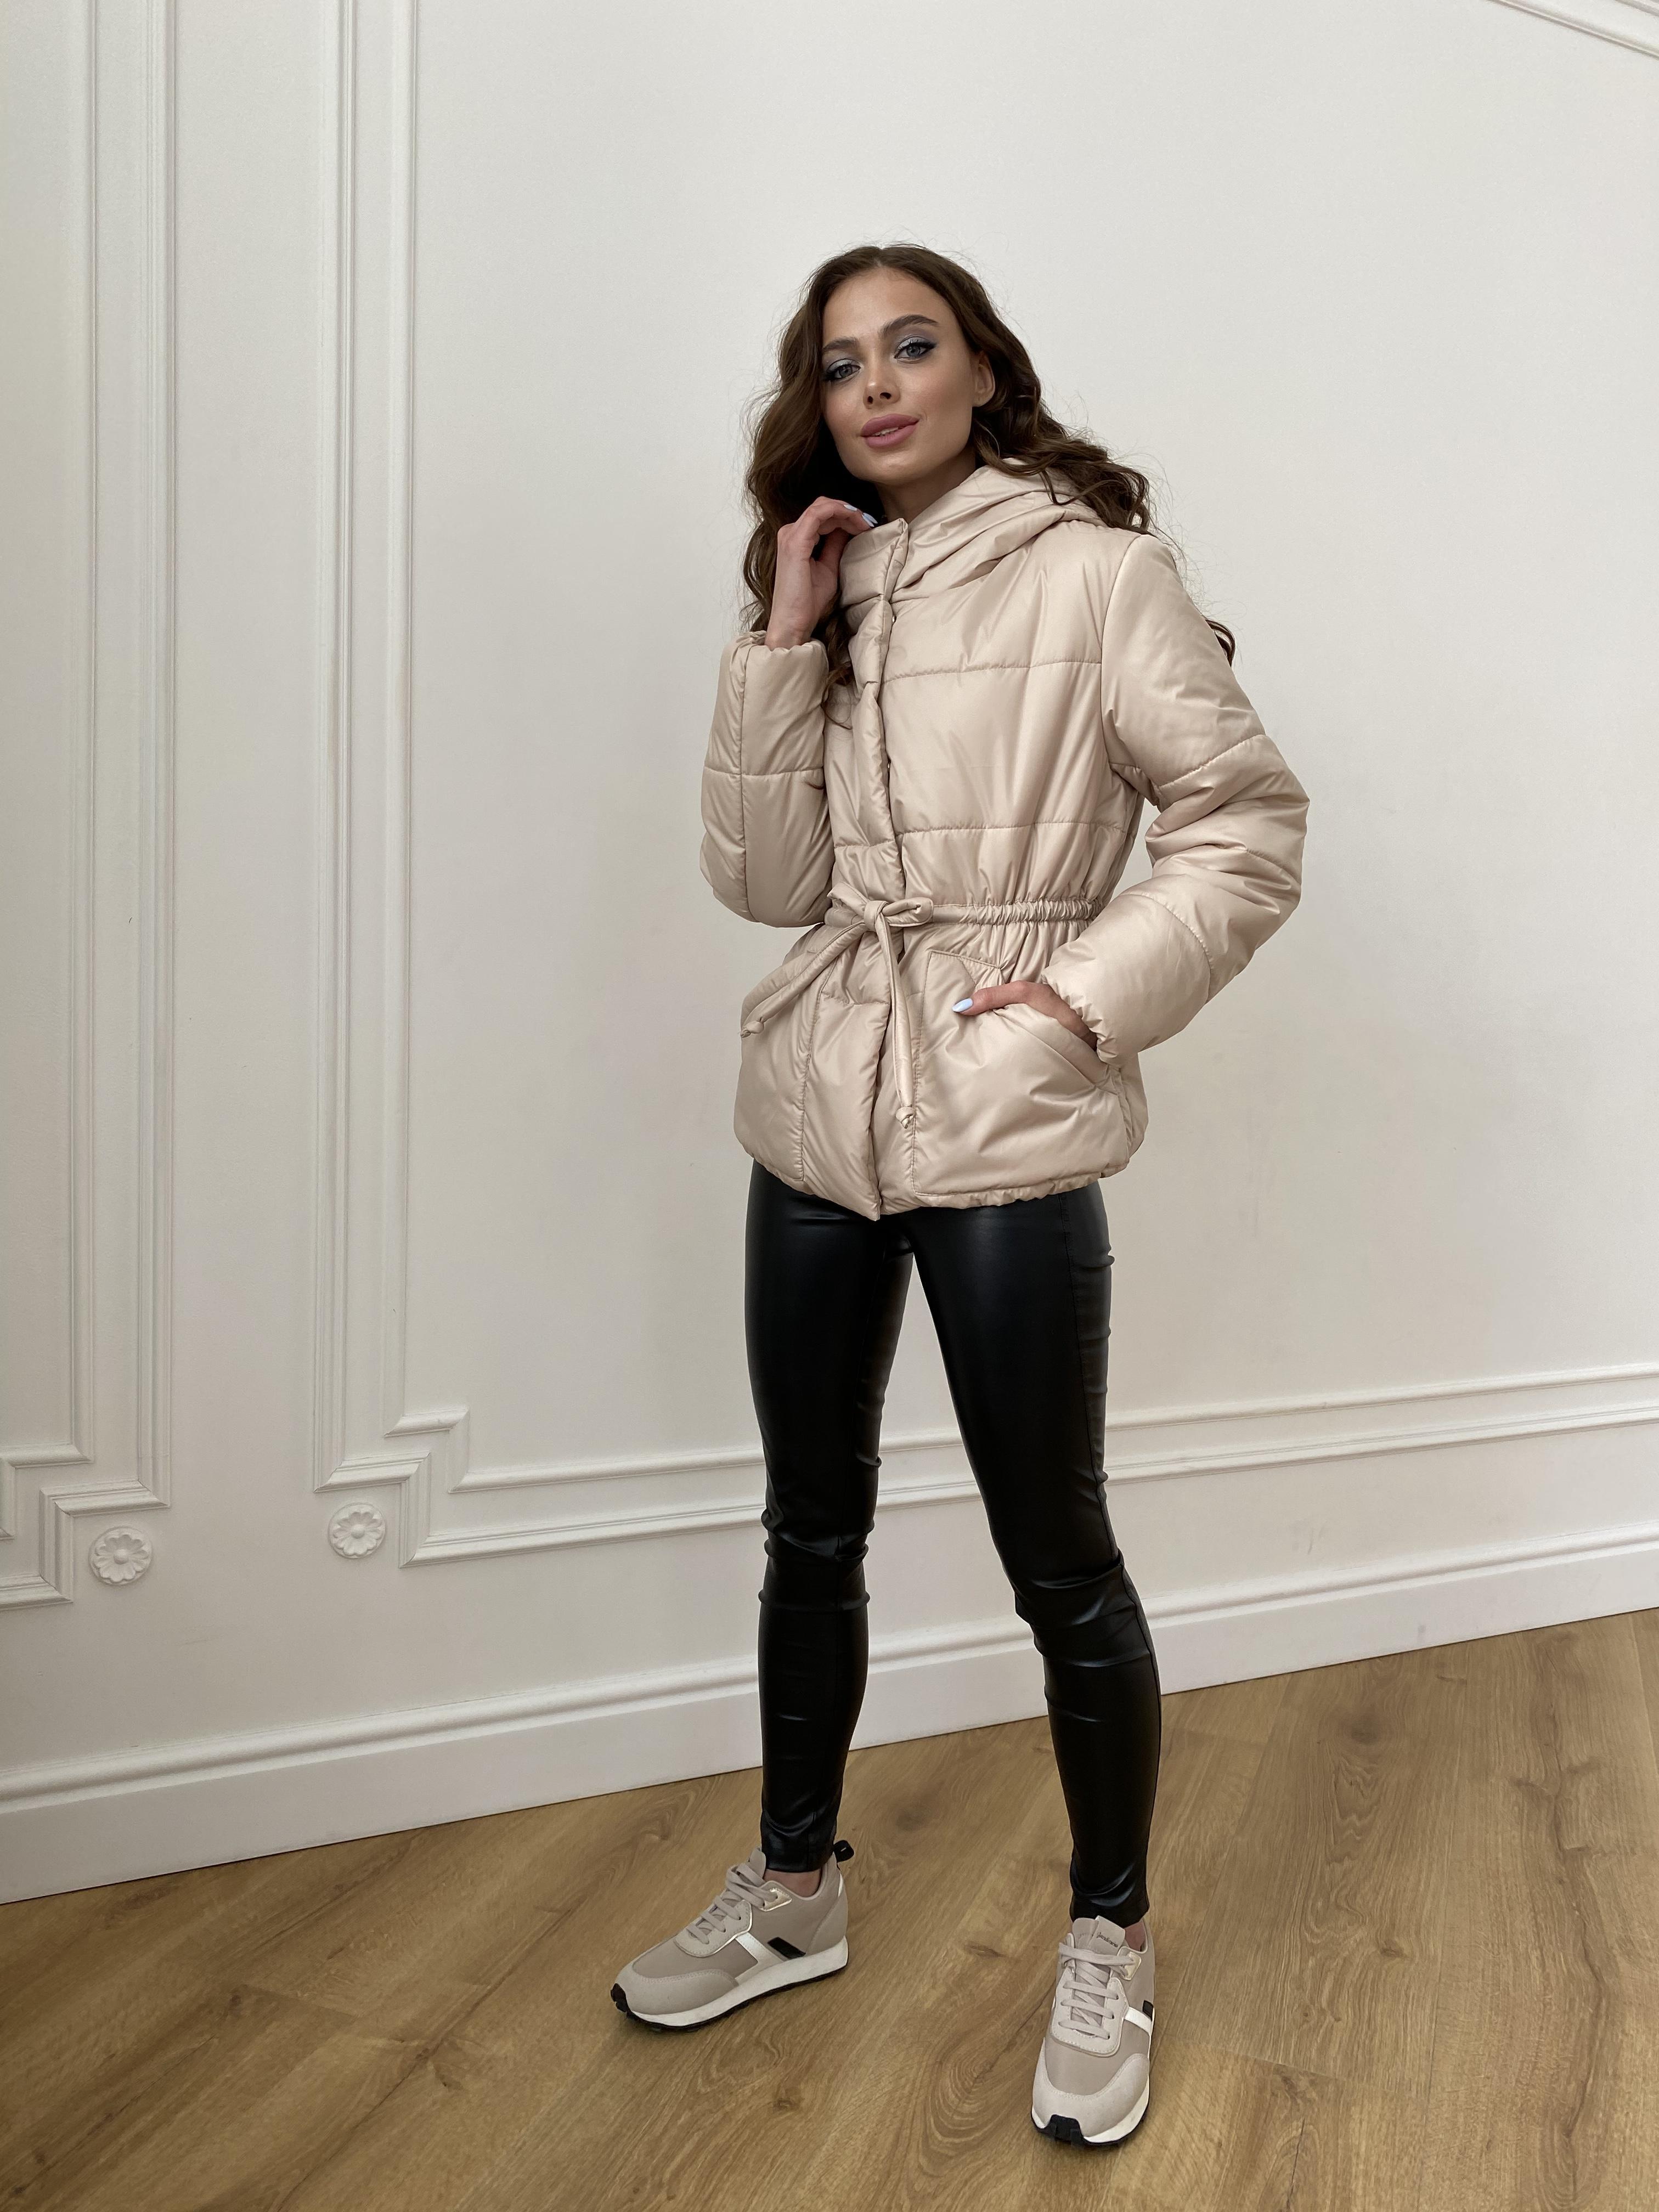 Пино куртка из плащевой ткани 10489 АРТ. 47391 Цвет: Бежевый - фото 6, интернет магазин tm-modus.ru